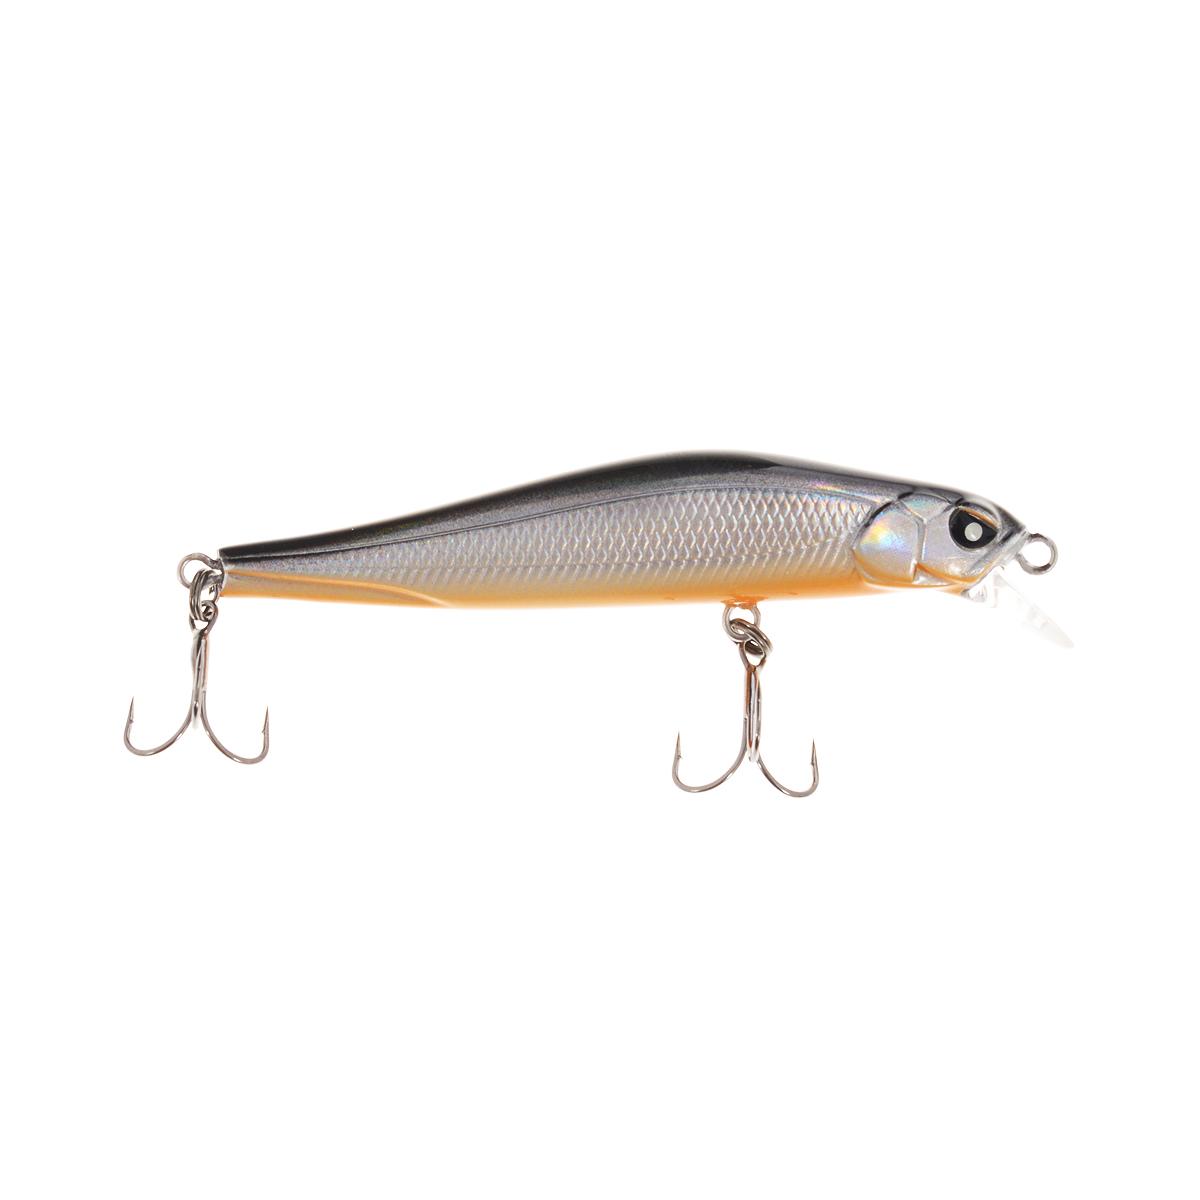 Воблер плавающий Lucky John Basara, цвет: черный, серебристый, оранжевый, 7 см, 5 г